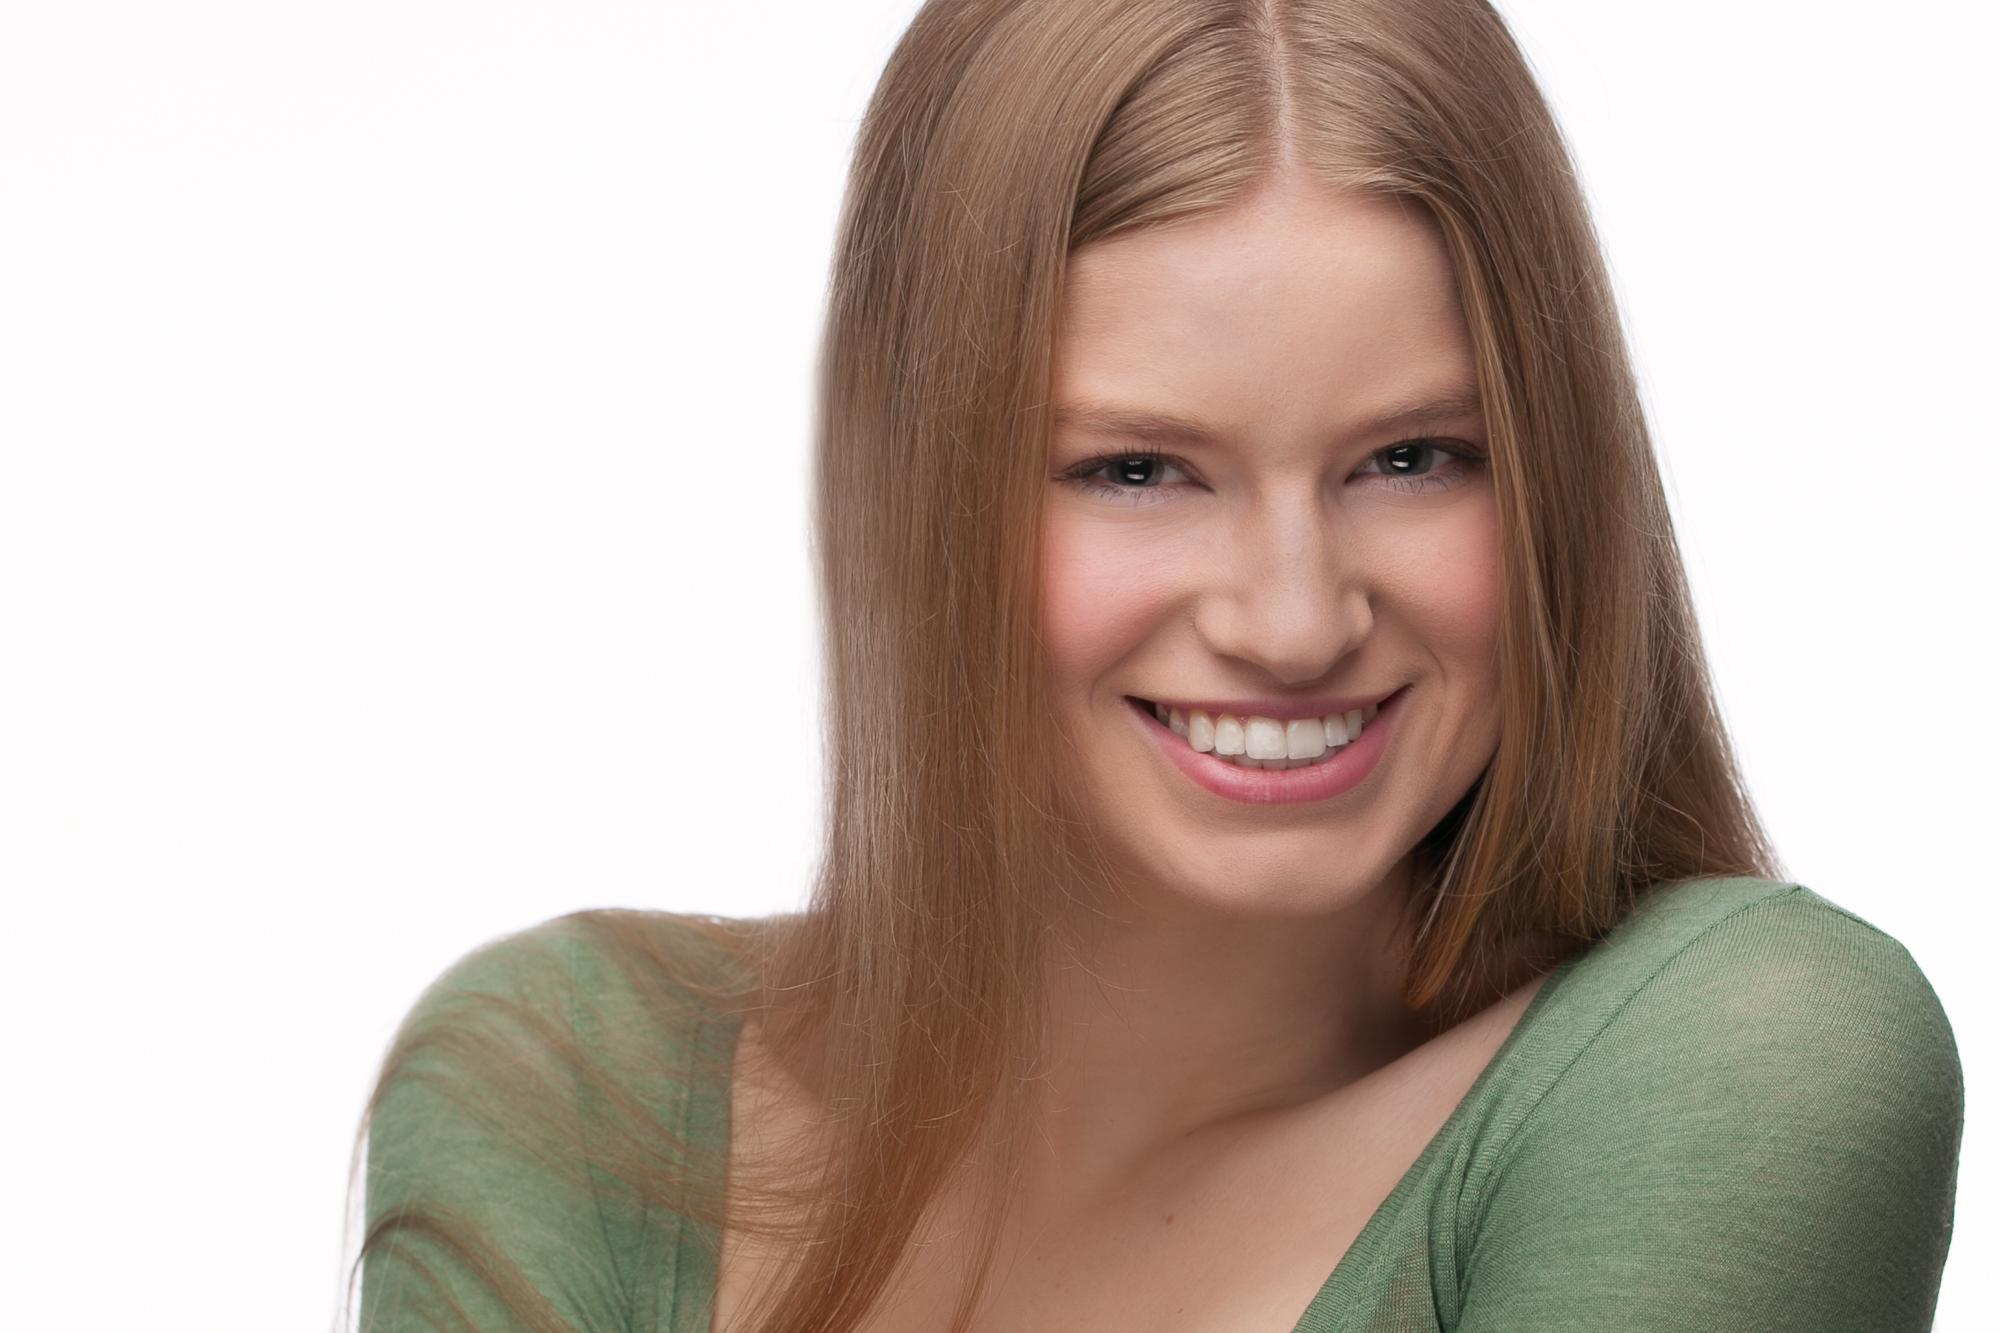 Head Shot Actress.jpg